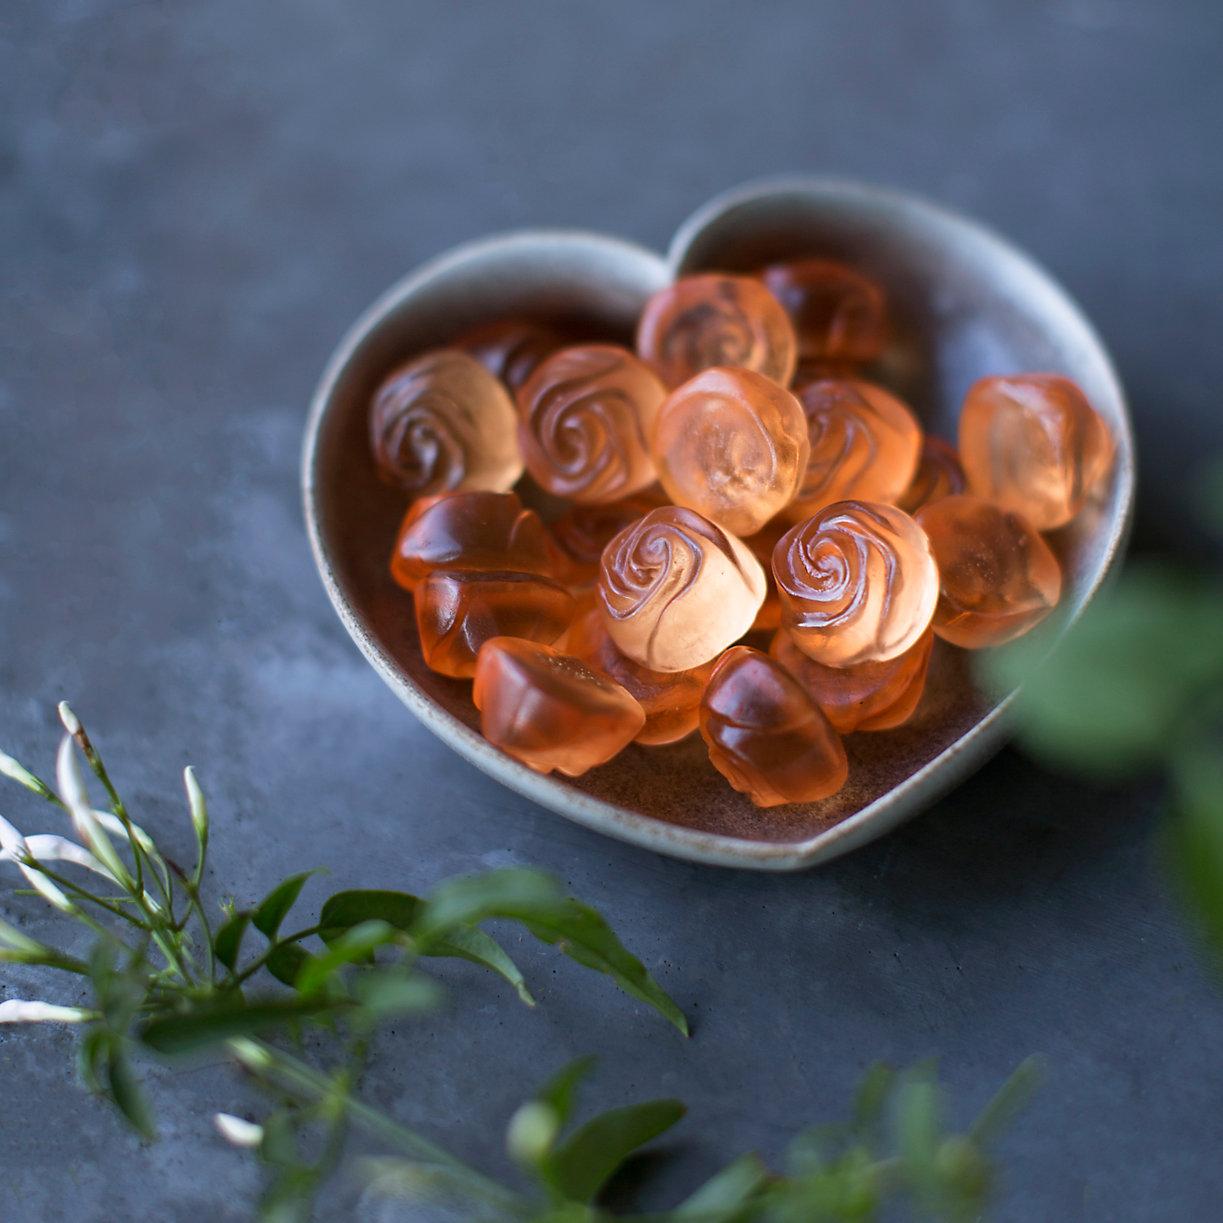 Sugarfina rose gummies